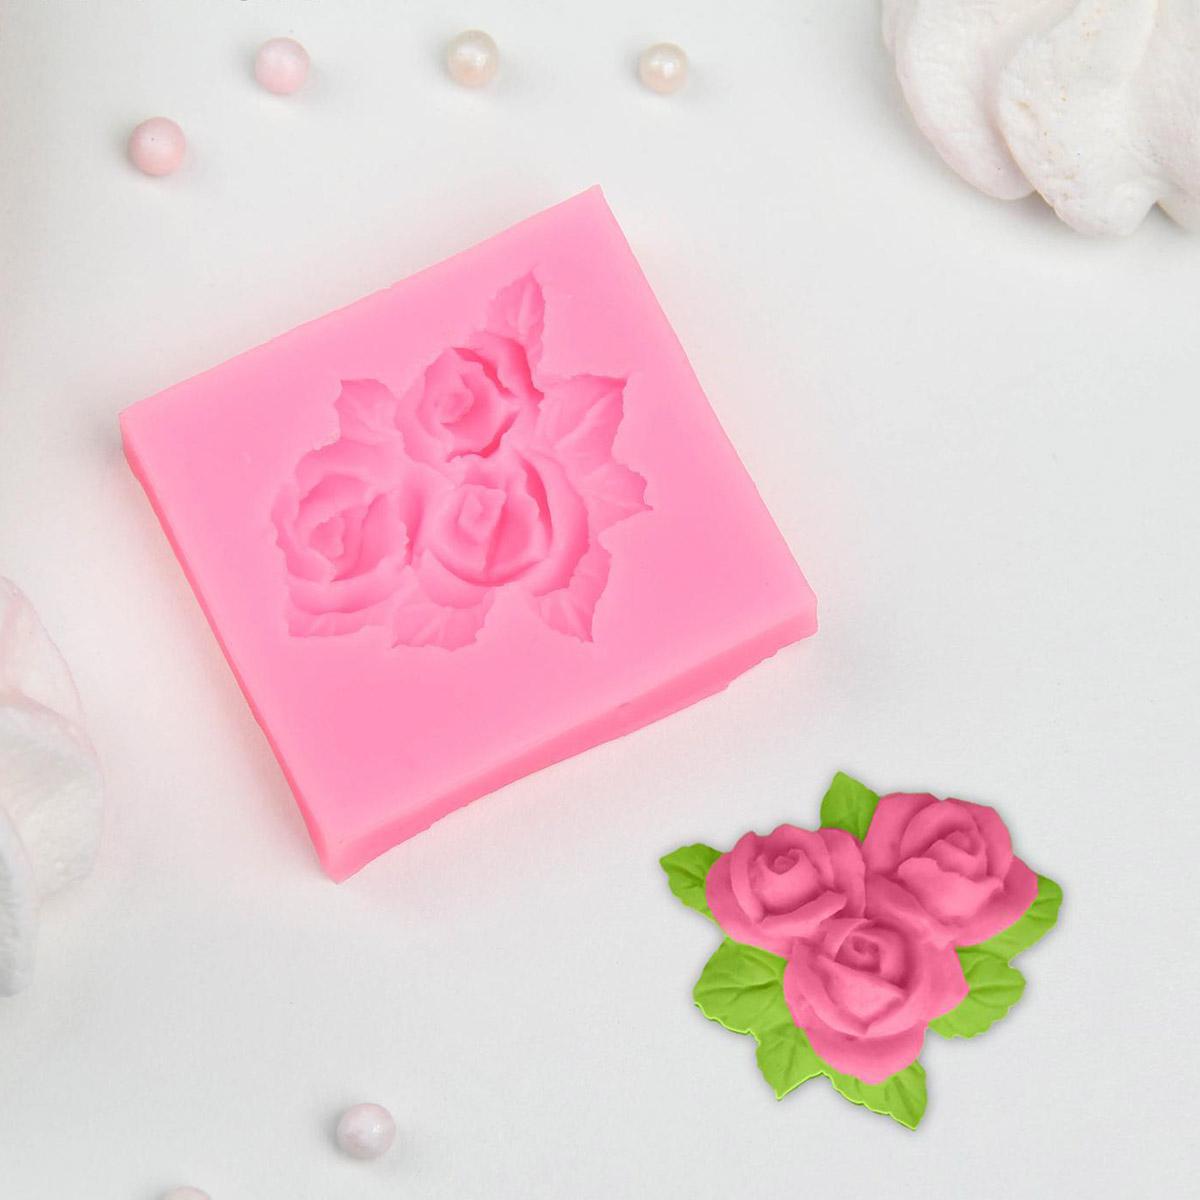 2389087 Молд 5,5*5 см 'Букет роз'